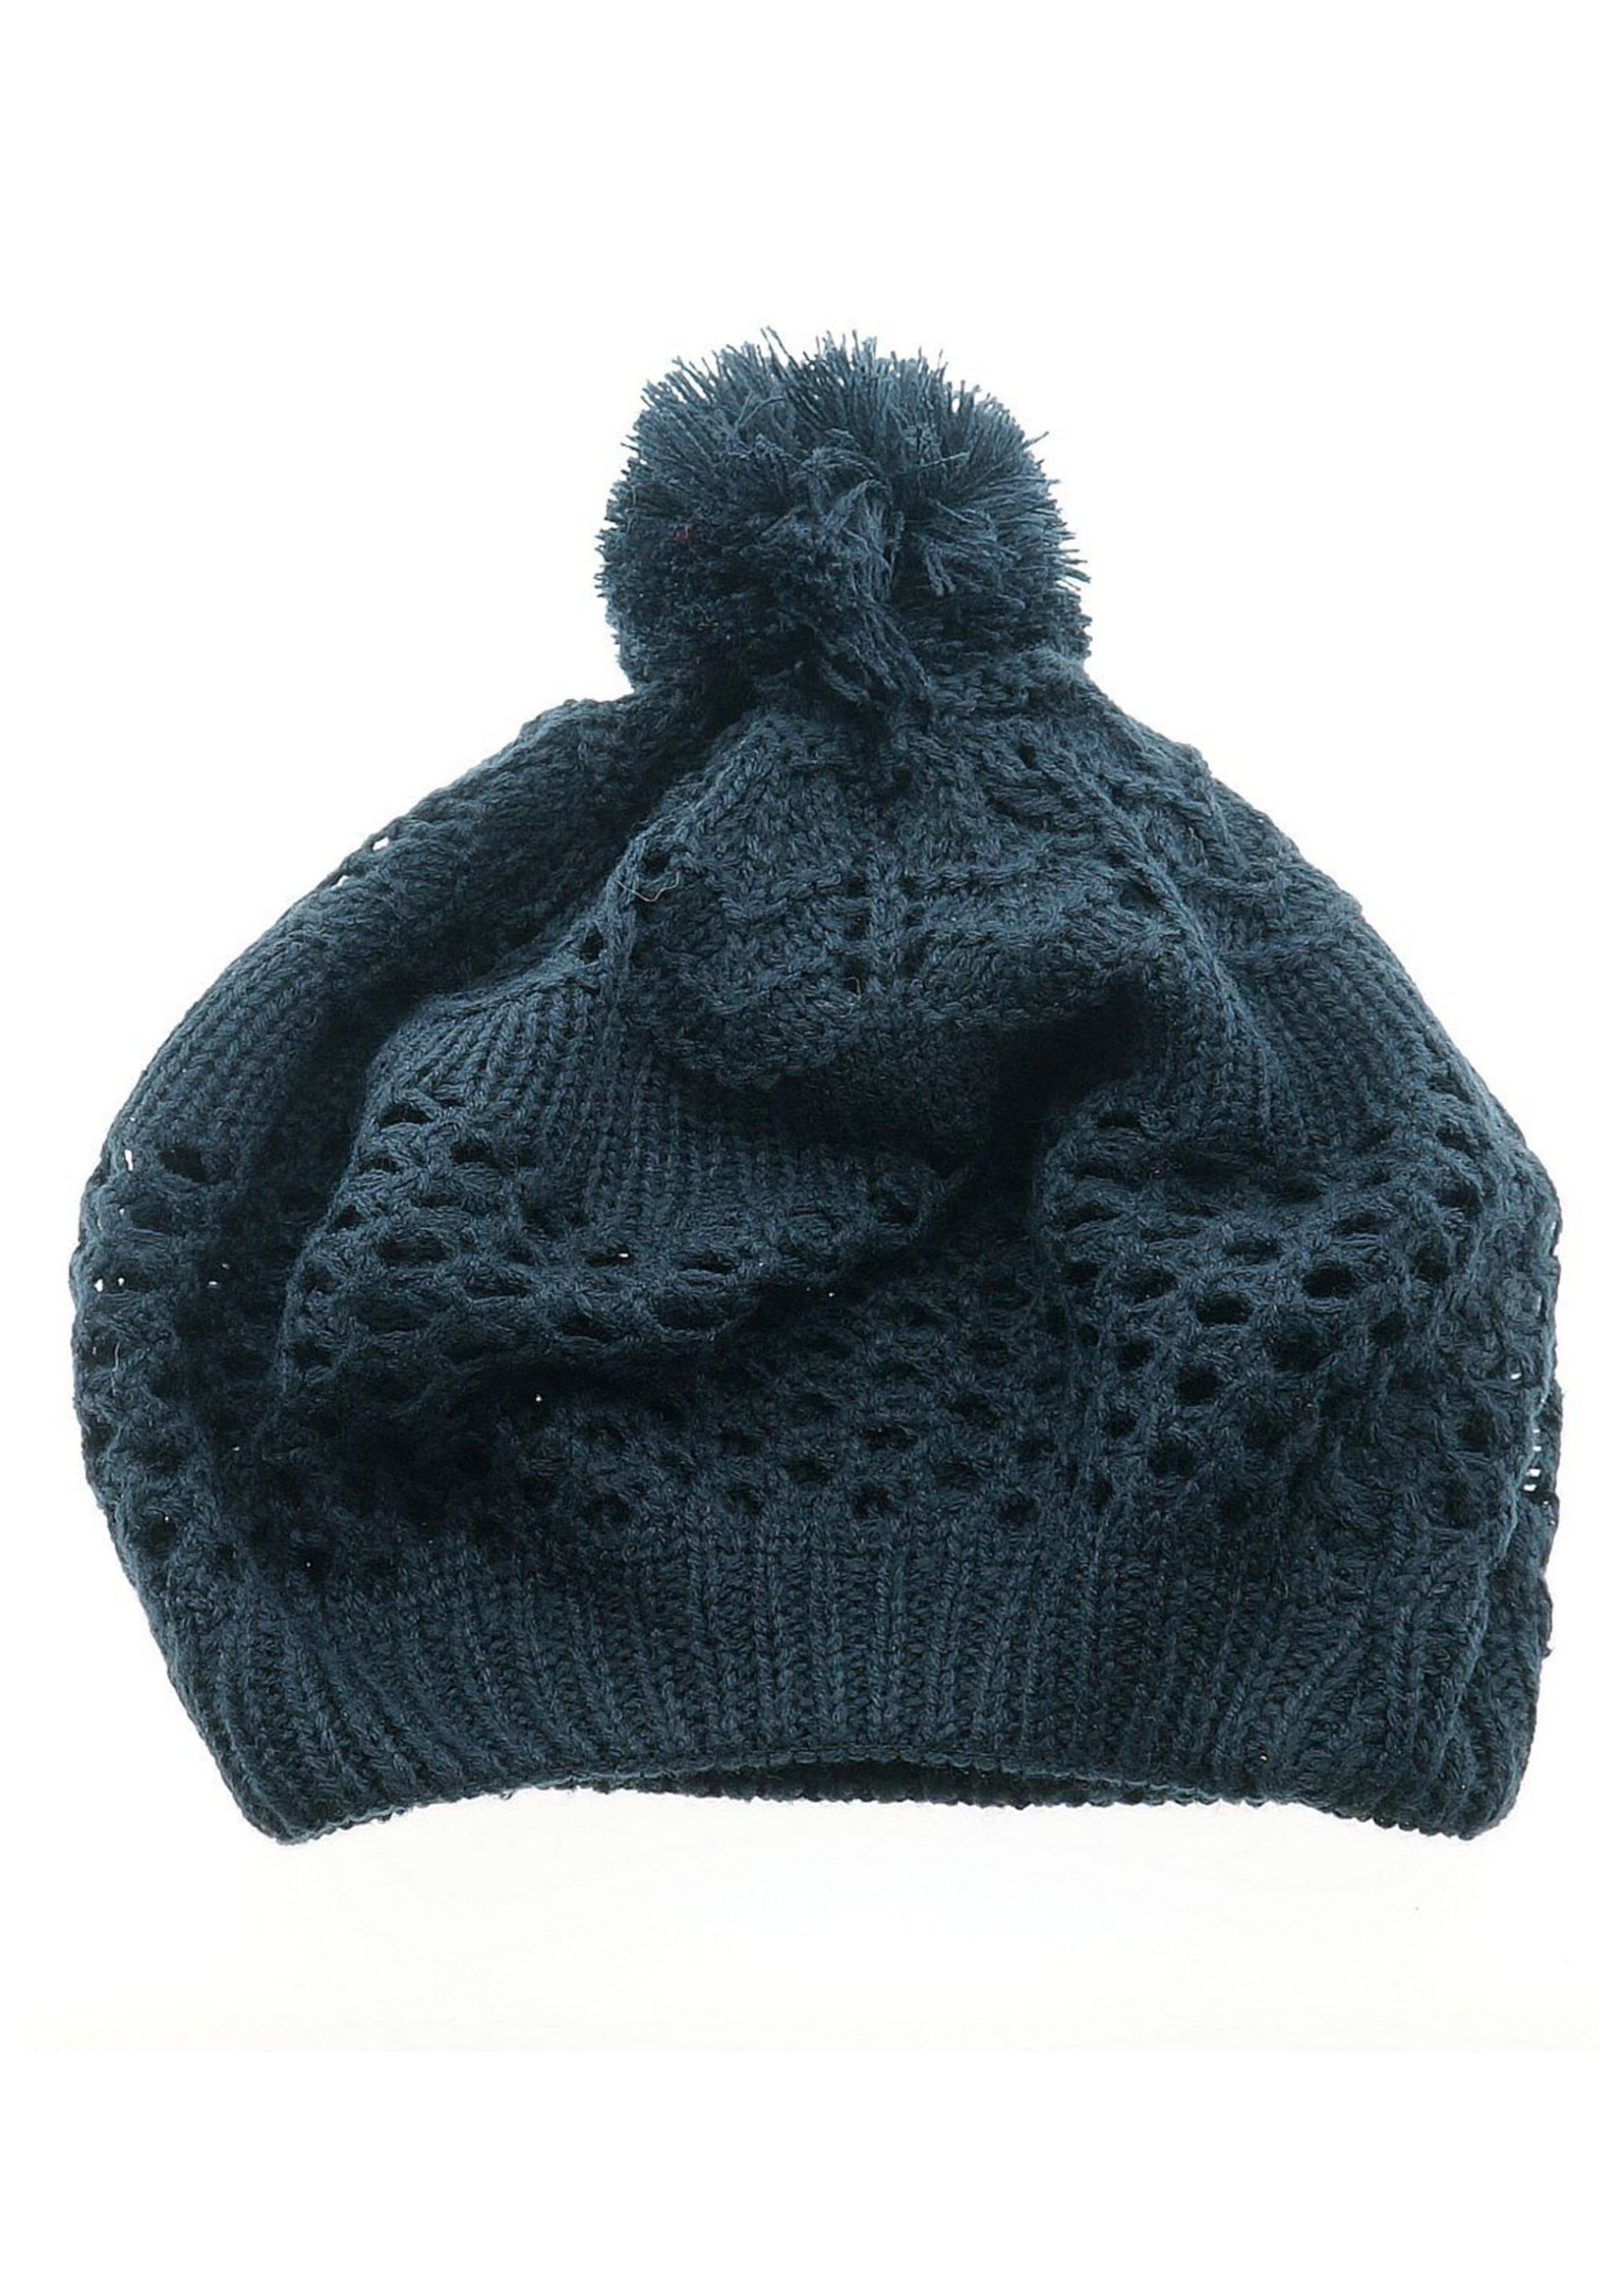 Knitted Hat in Dark Blue